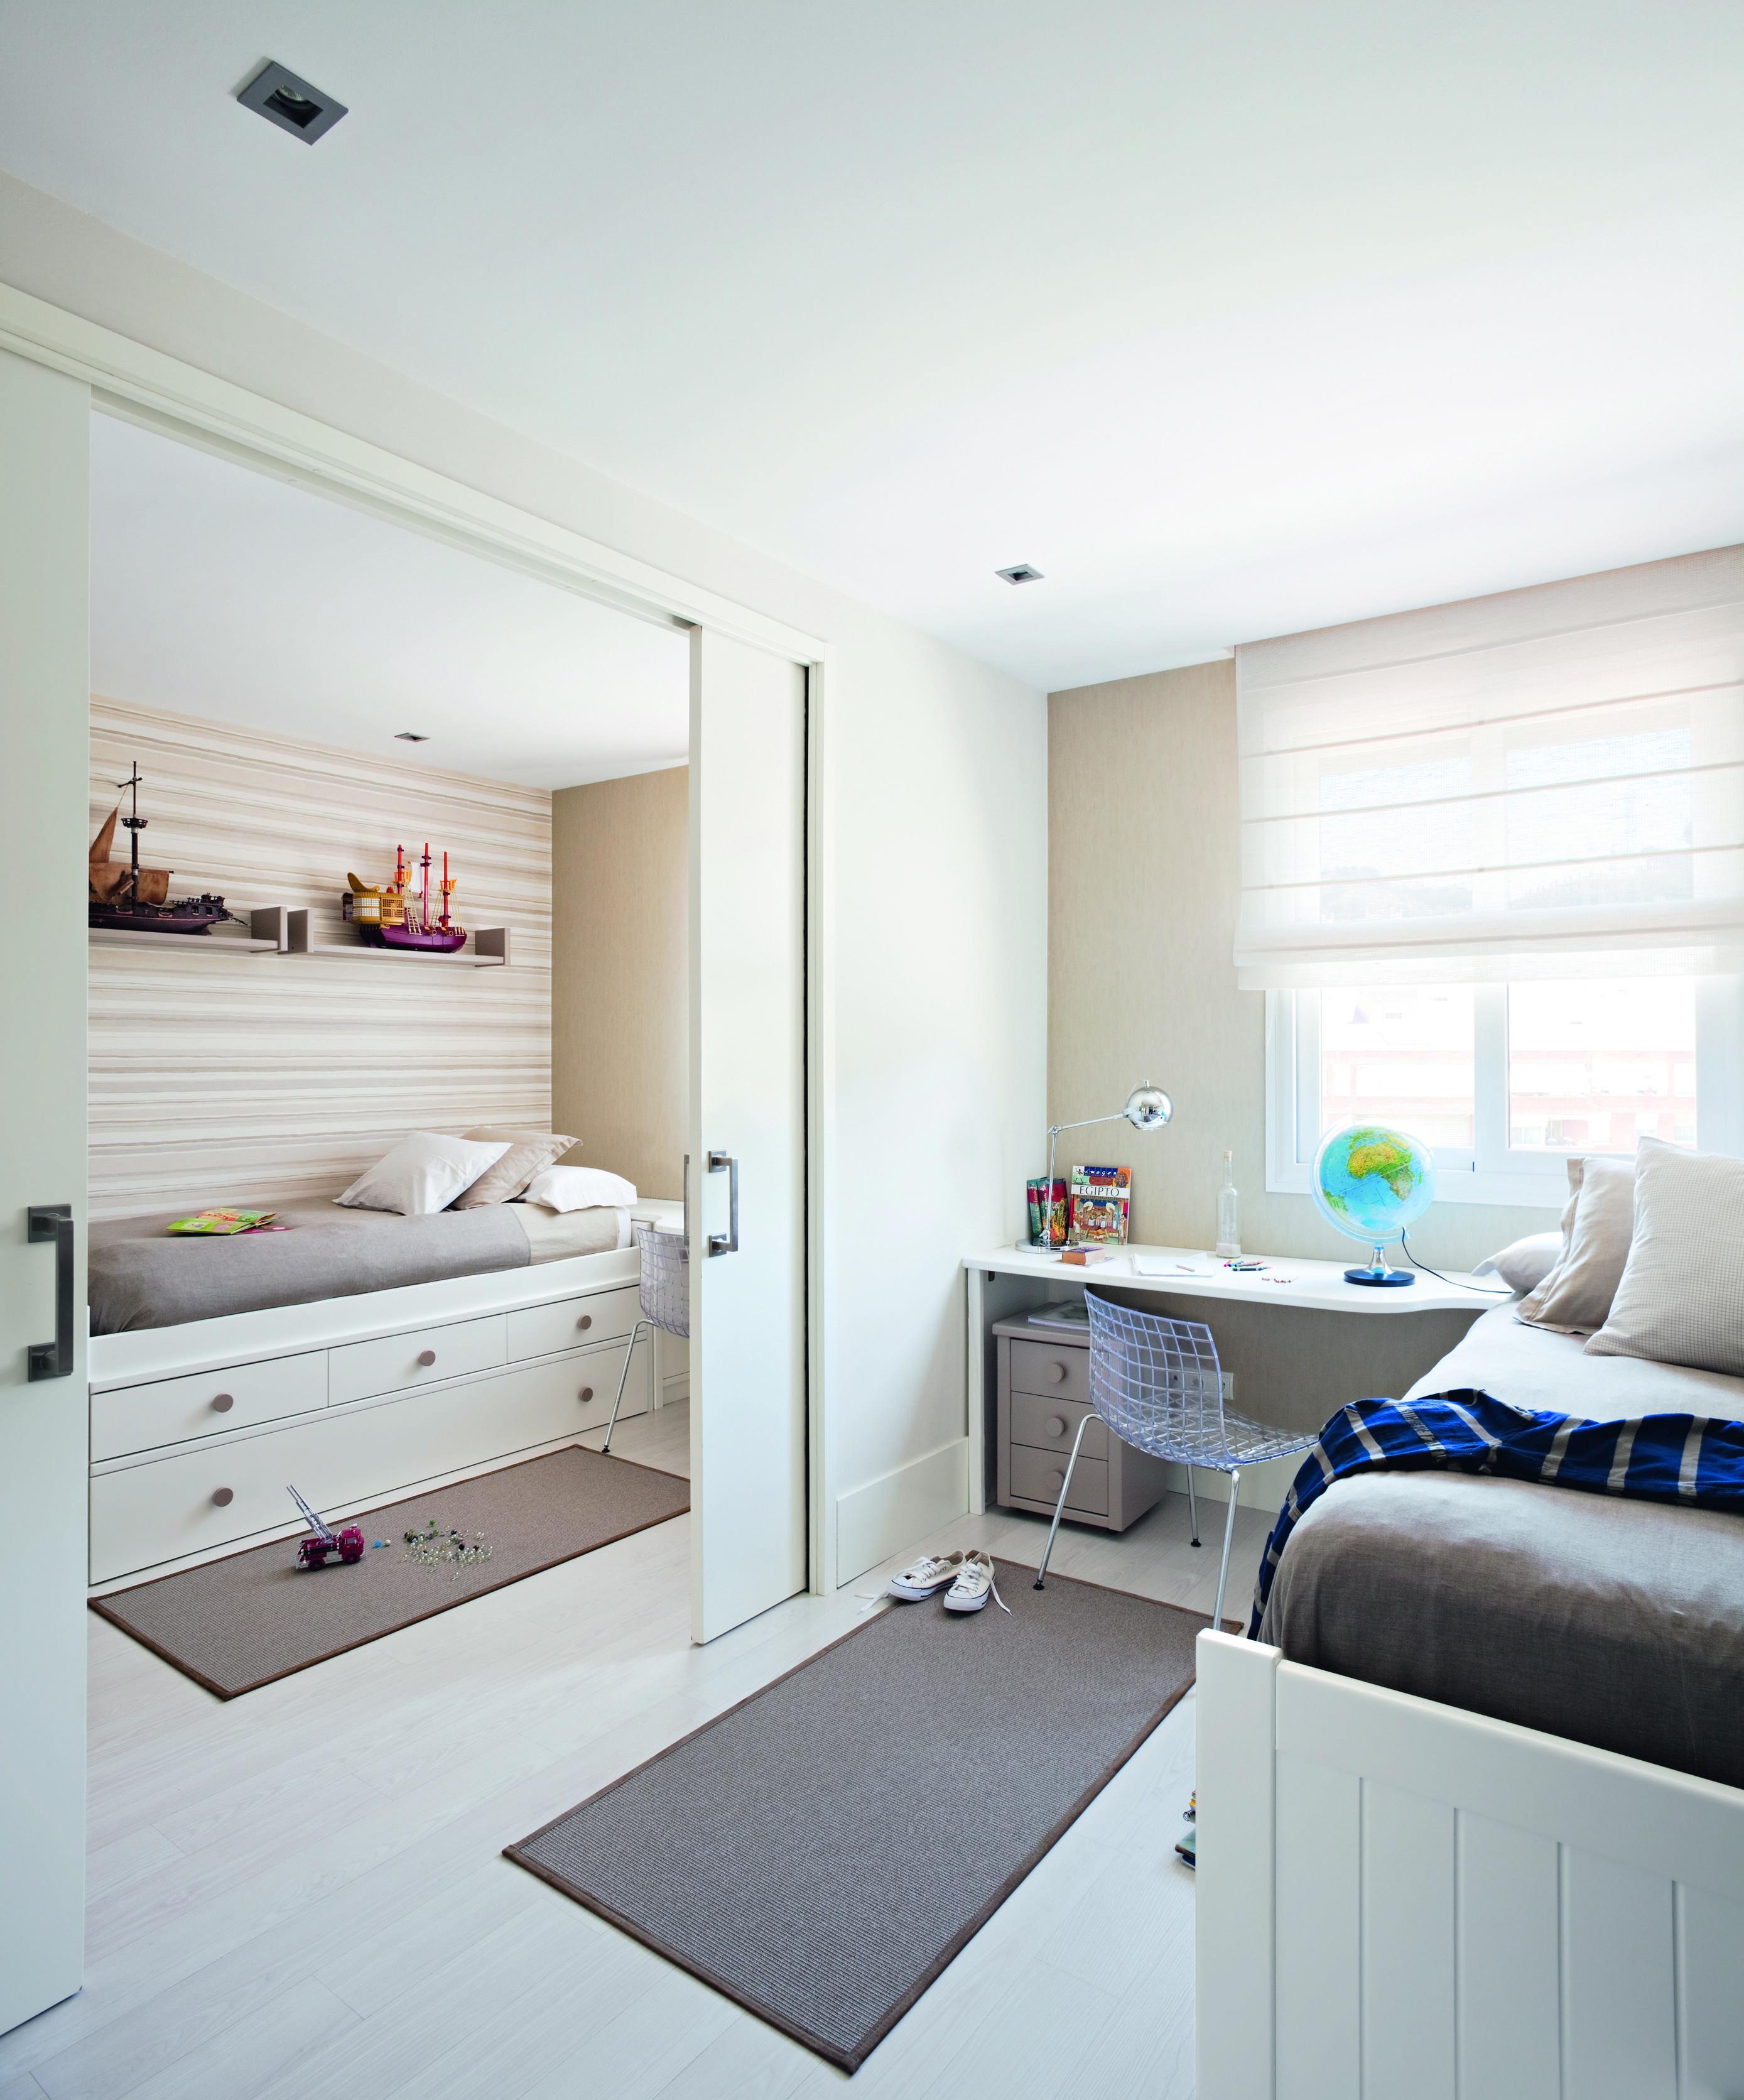 Dormitorio De Ninos Por La Albaida Decoracion Ideas Para Las - Dormitorio-de-nios